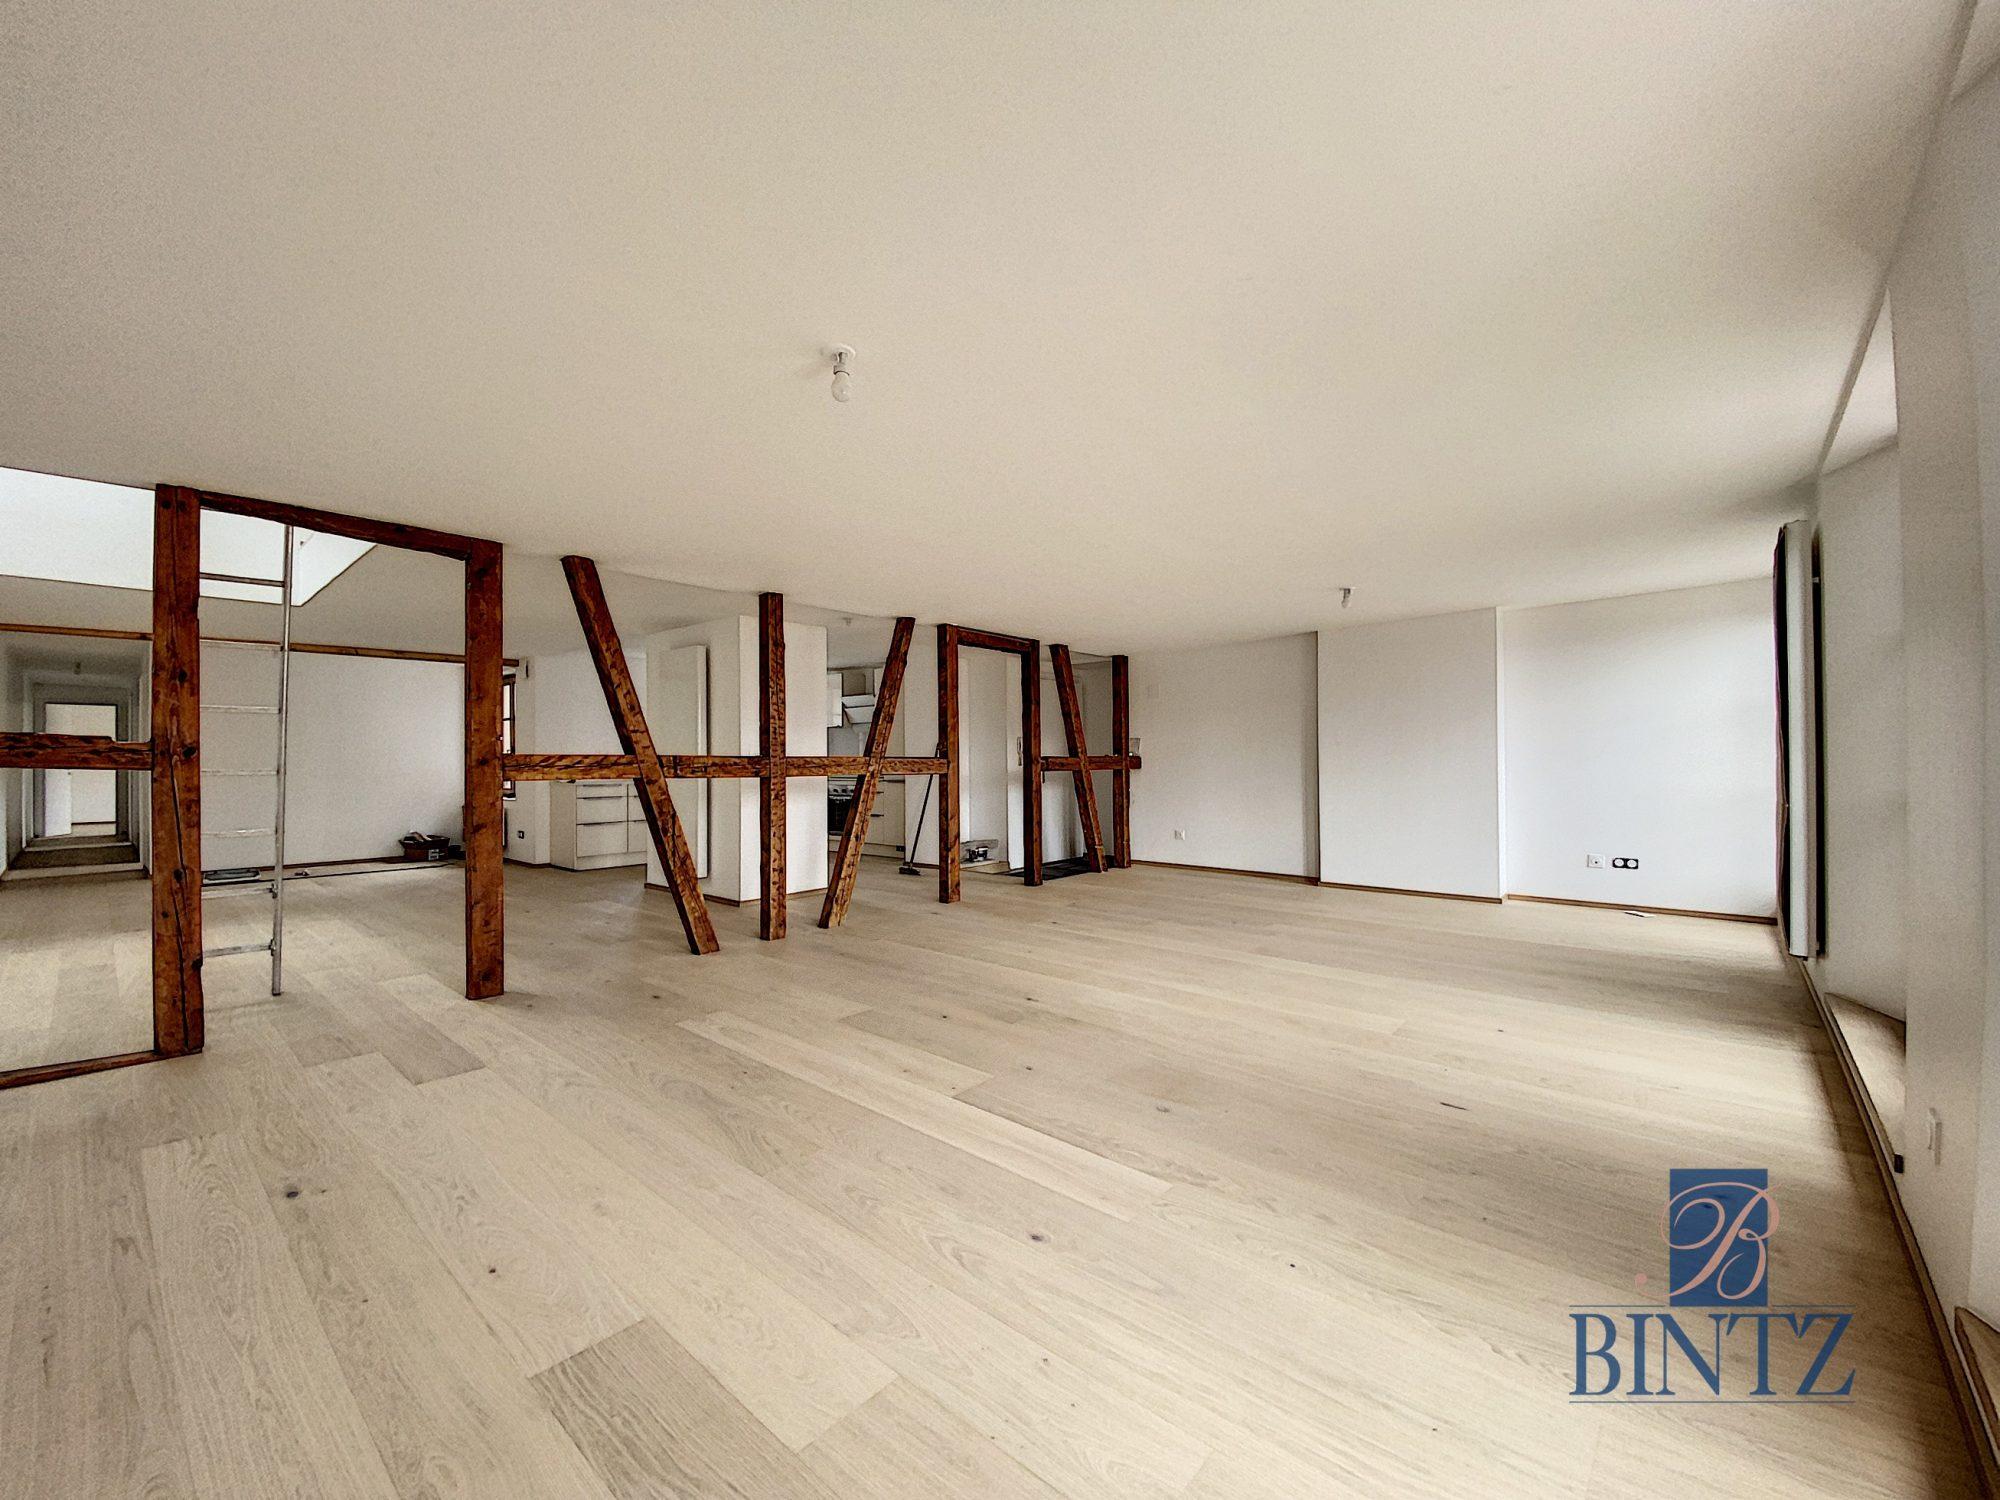 4 pièces refait à neuf quartier Gare - Devenez locataire en toute sérénité - Bintz Immobilier - 9